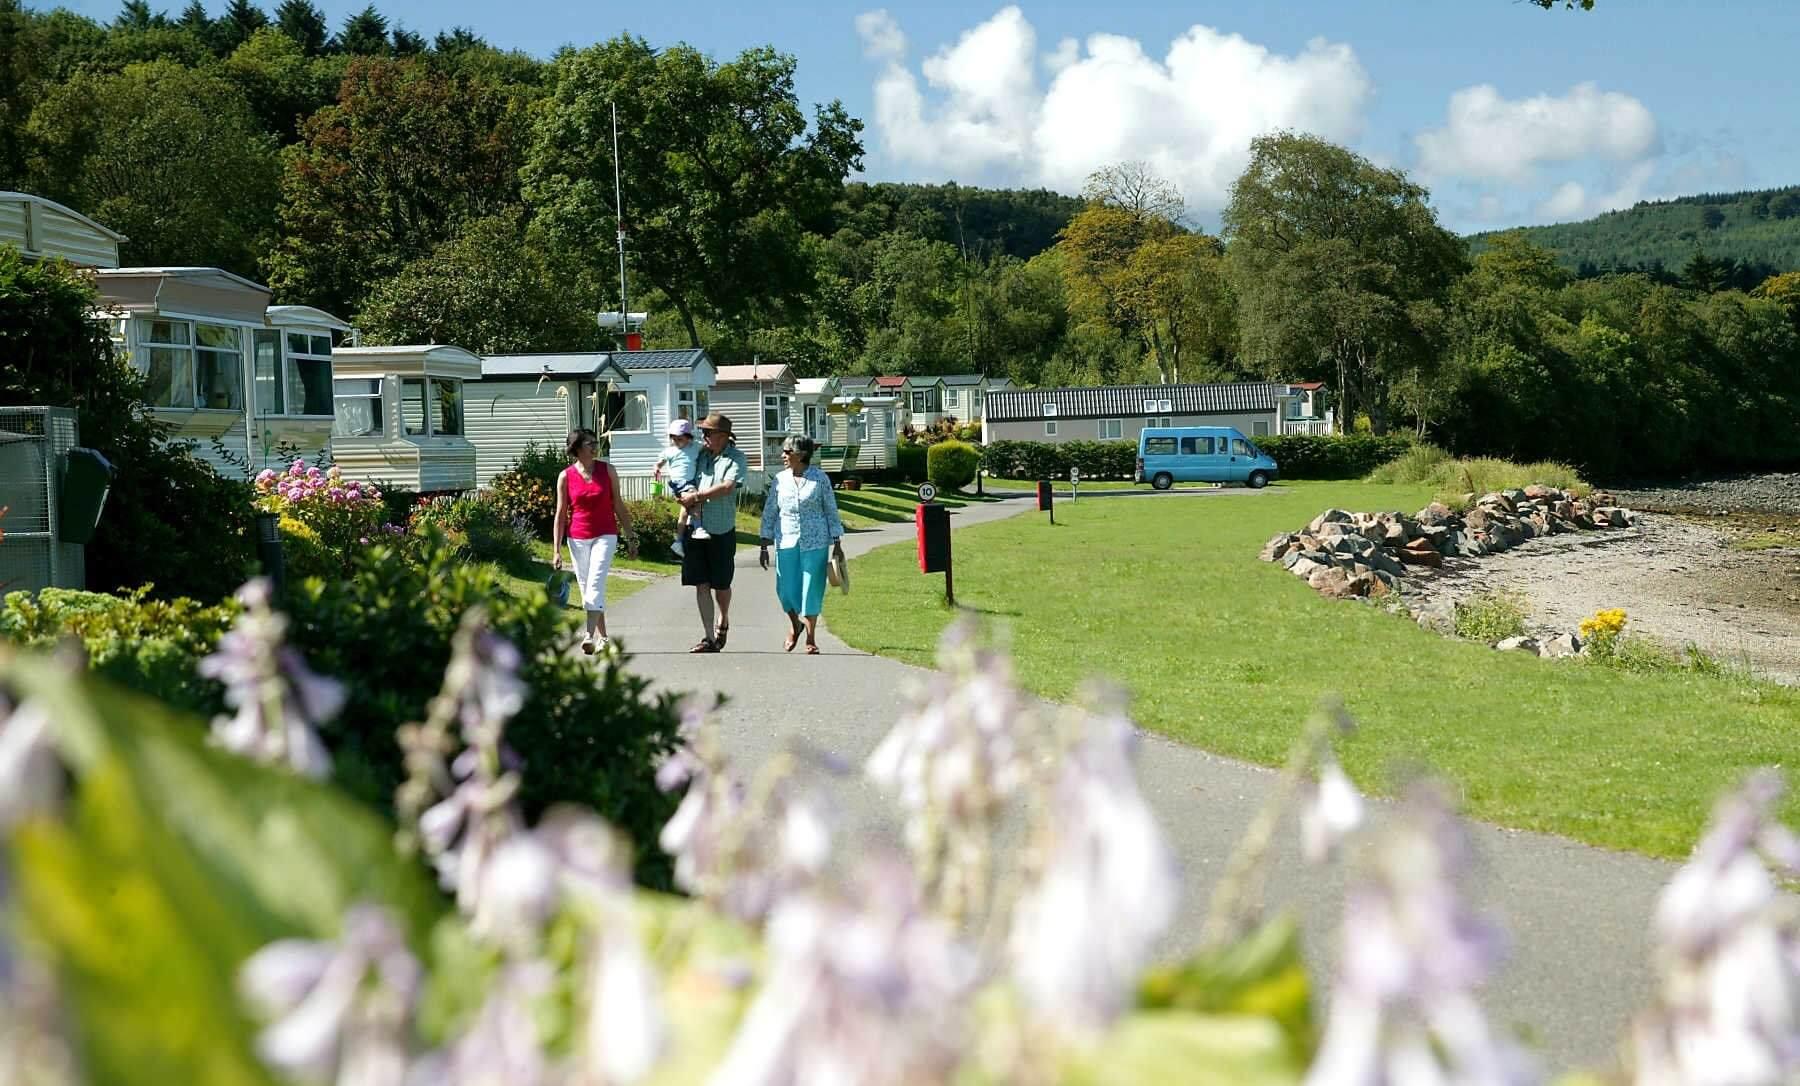 Rosneath Castle Caravan Park